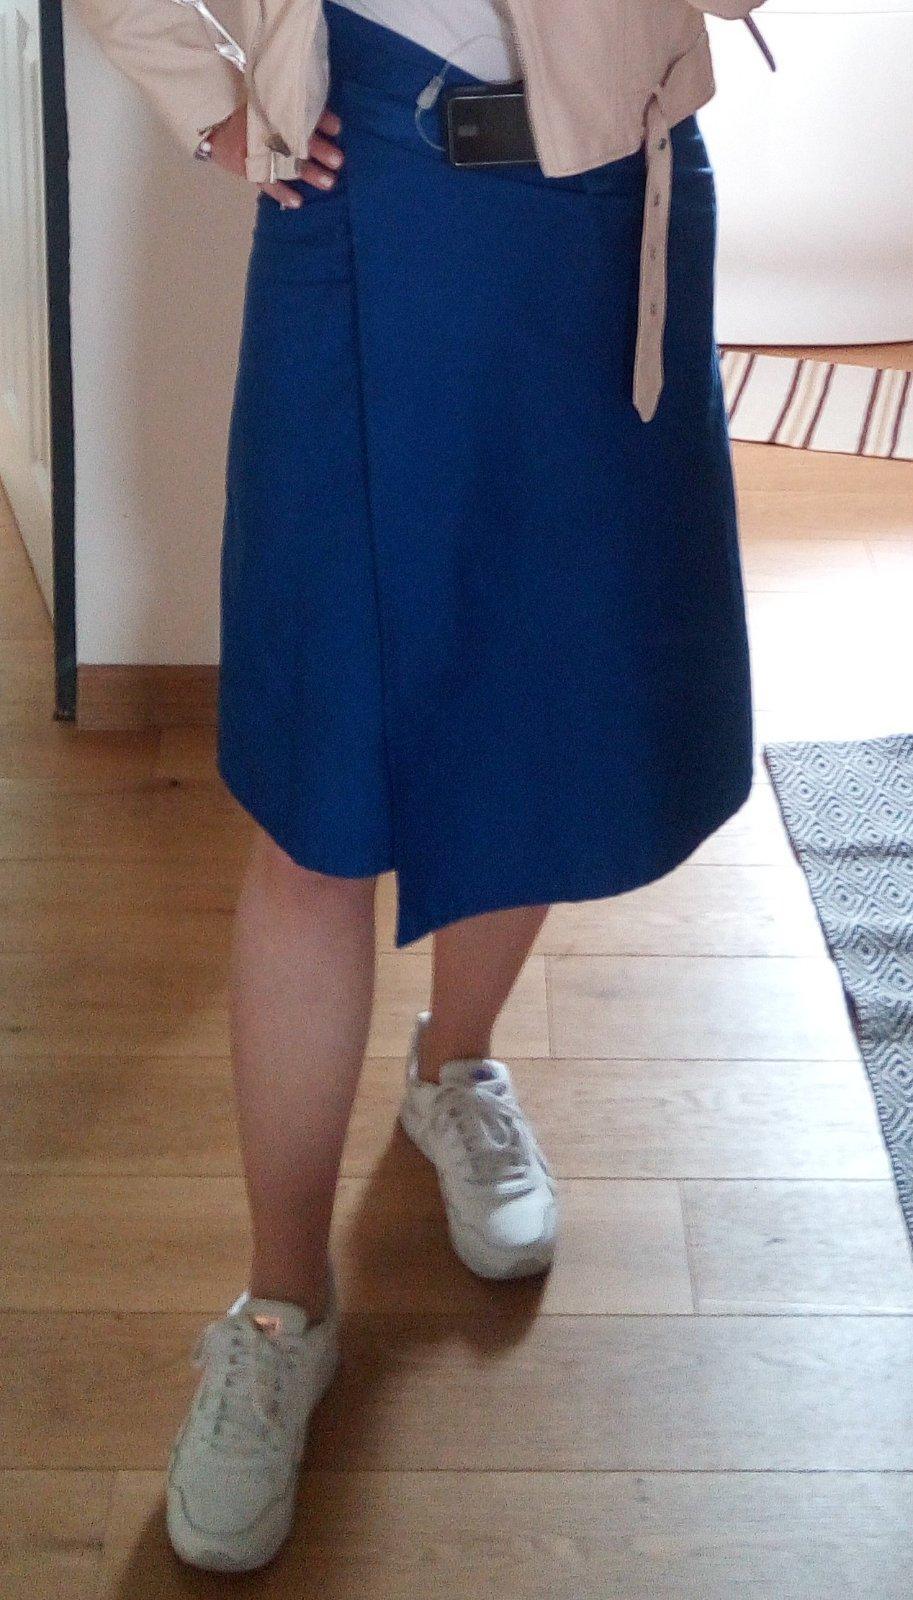 Modrá zavinovacia sukňa XS - L - Obrázok č. 1